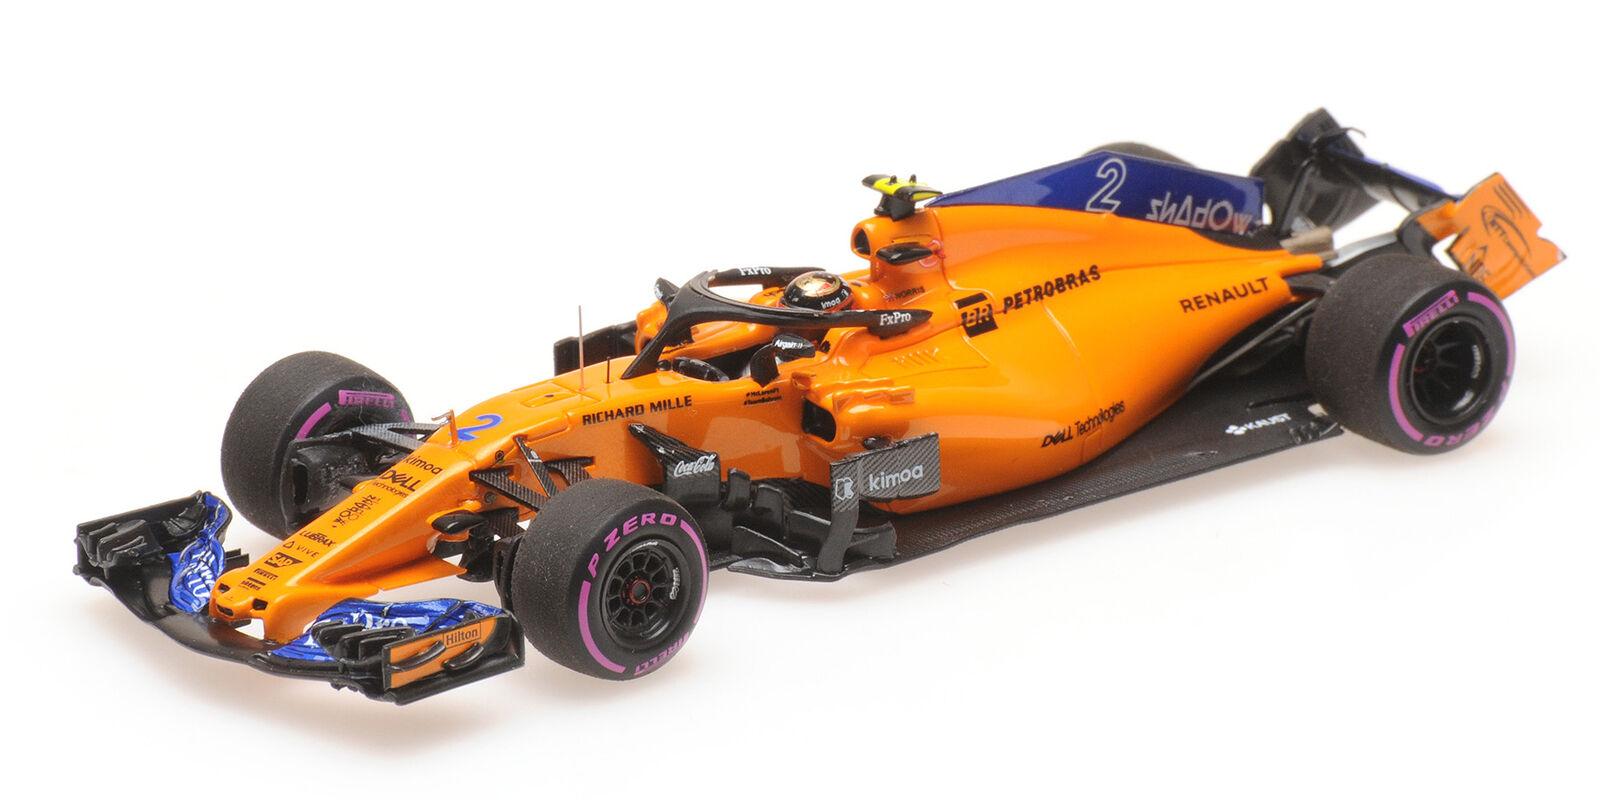 Mclaren Mcl33 Vandoorne Last F1 Race Abu Dhabi Gp  2018 MINICHAMPS 1 43 537186402  vendre comme des petits pains